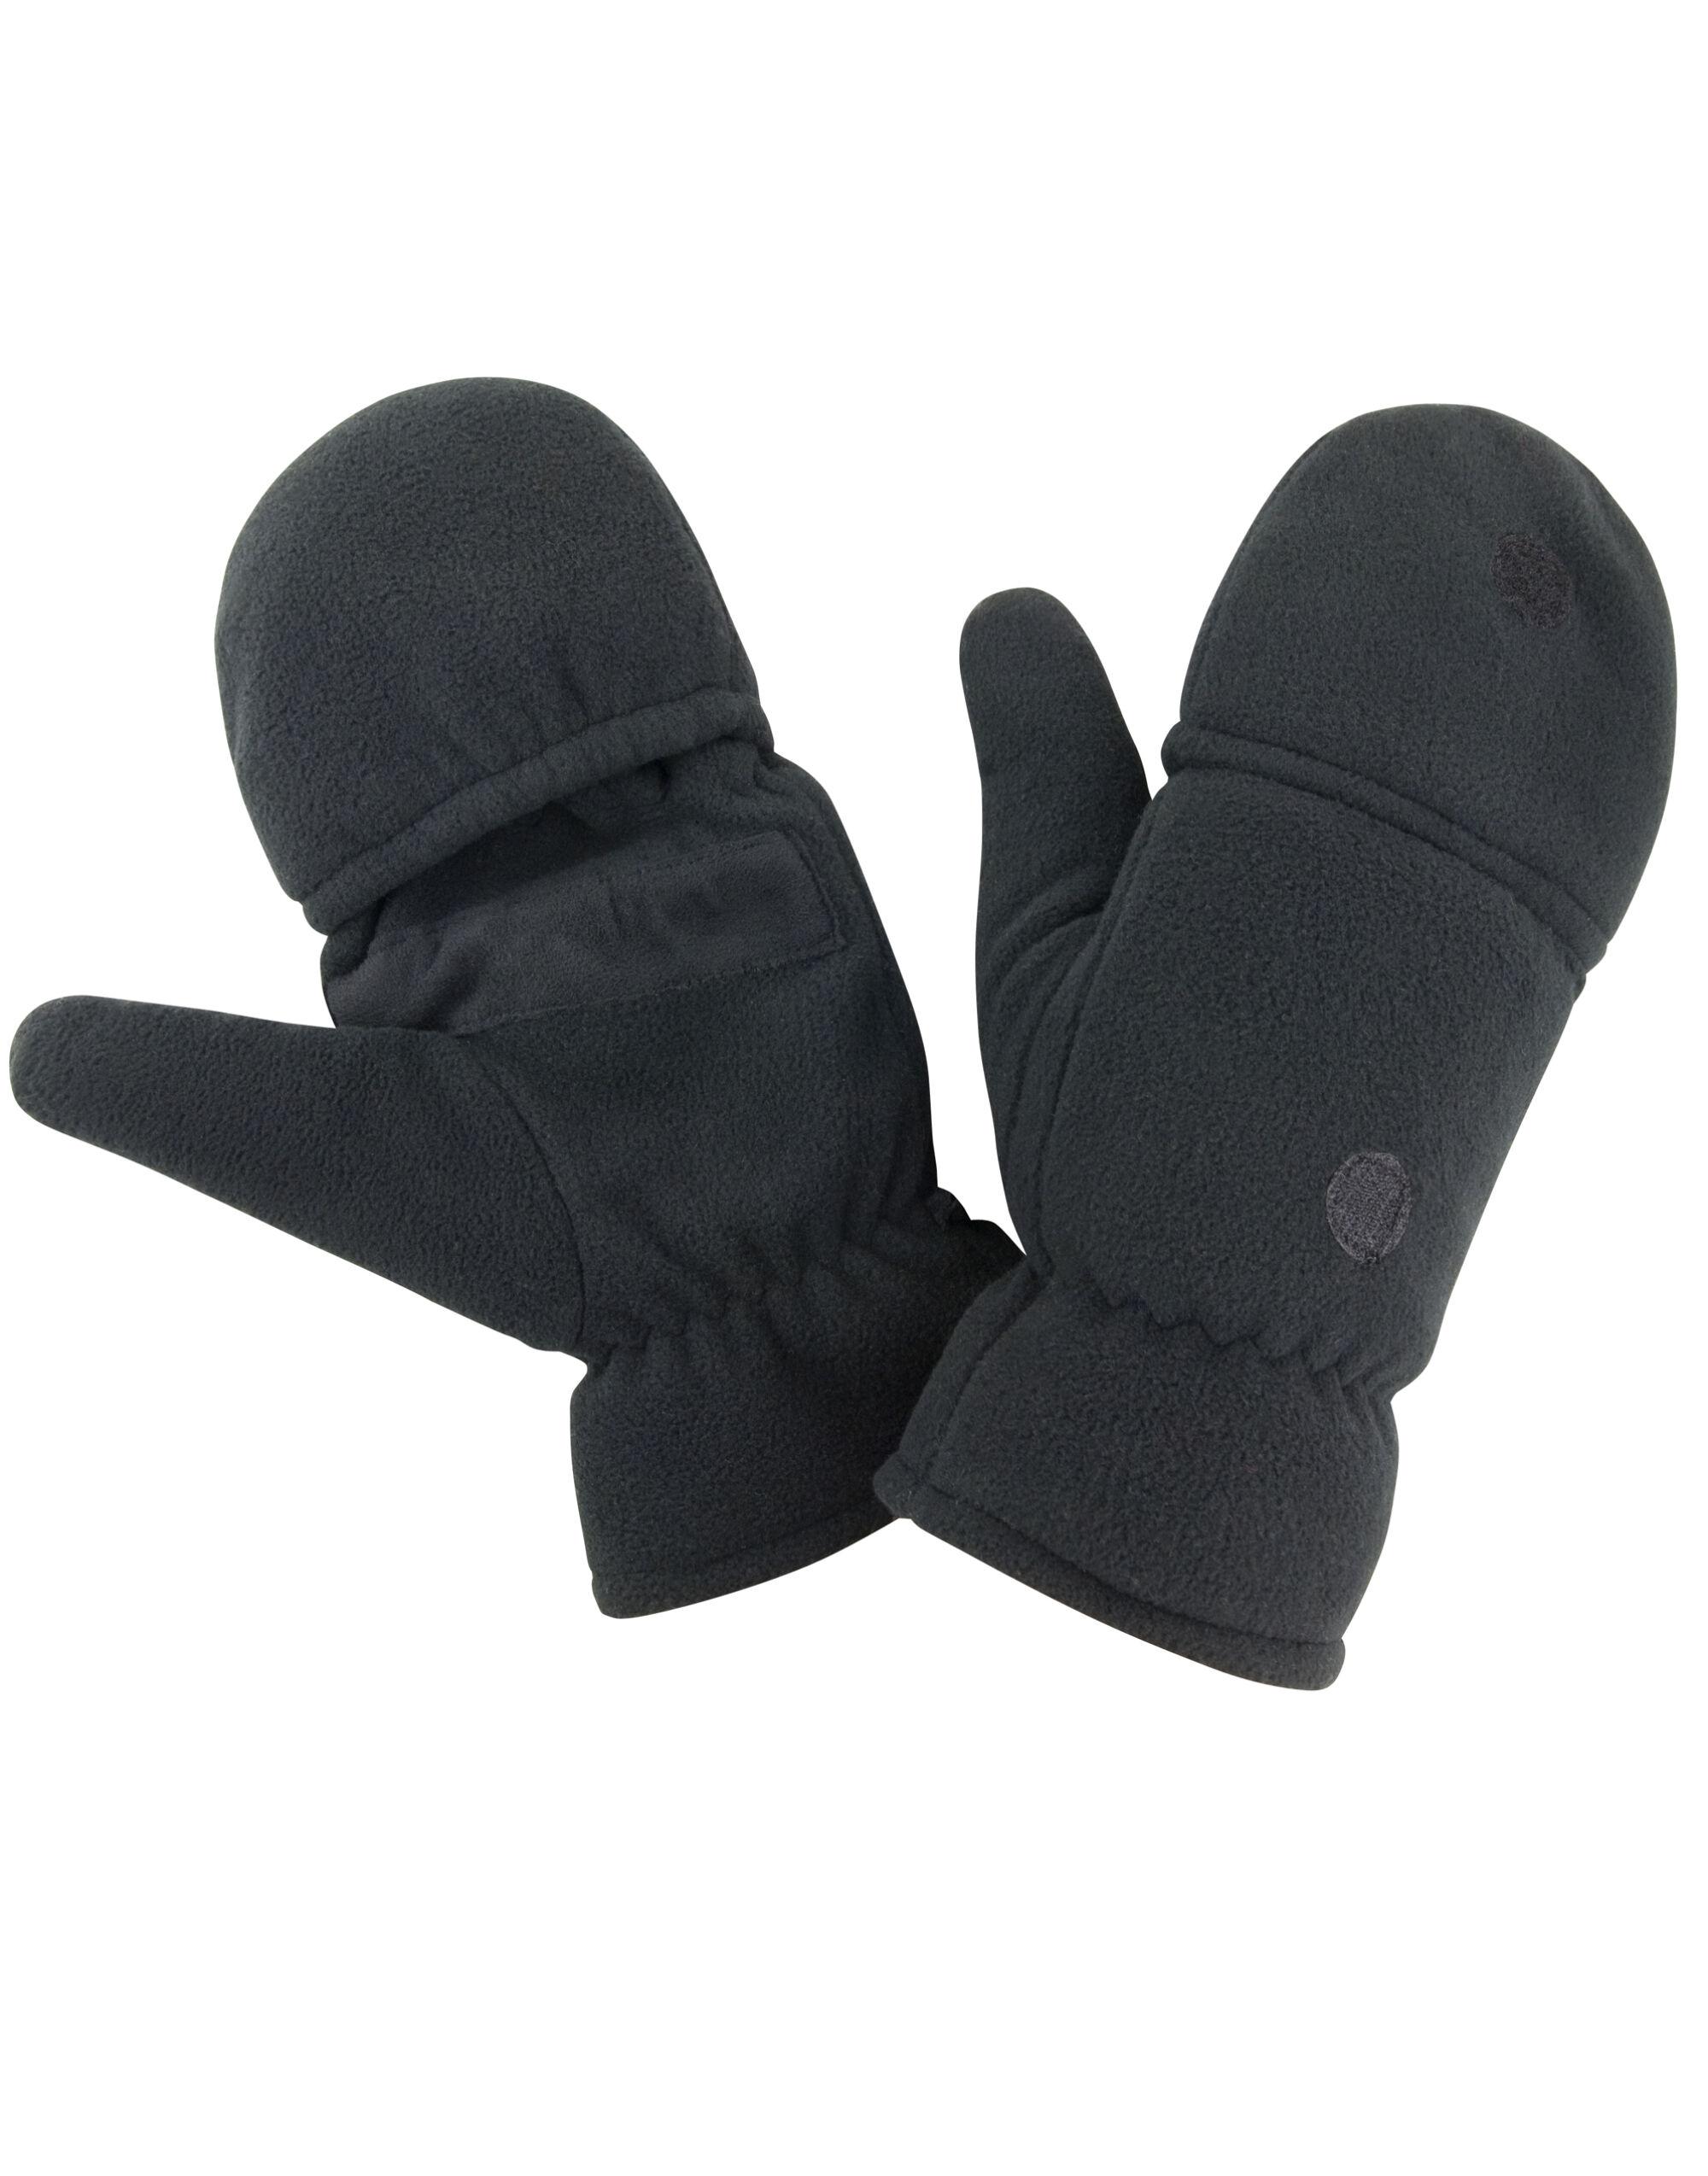 Result Winter Palmgrip Glove-Mitt